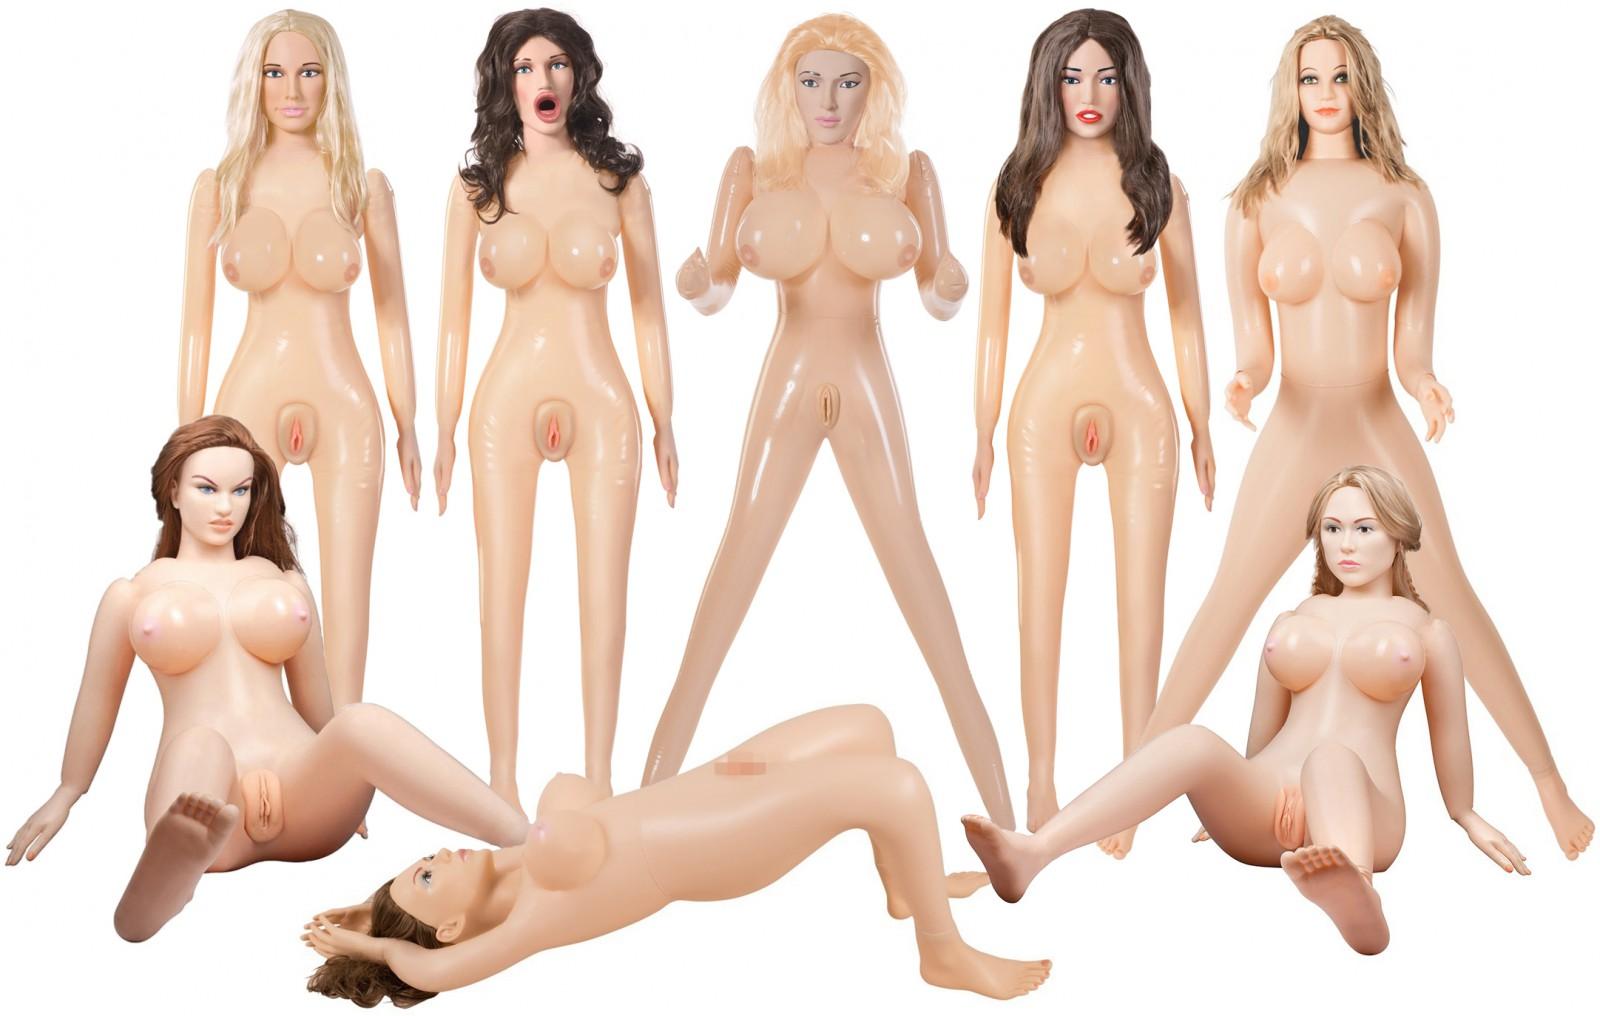 Moderní nafukovací panny - nepoznáte, že jde o erotickou pomůcku